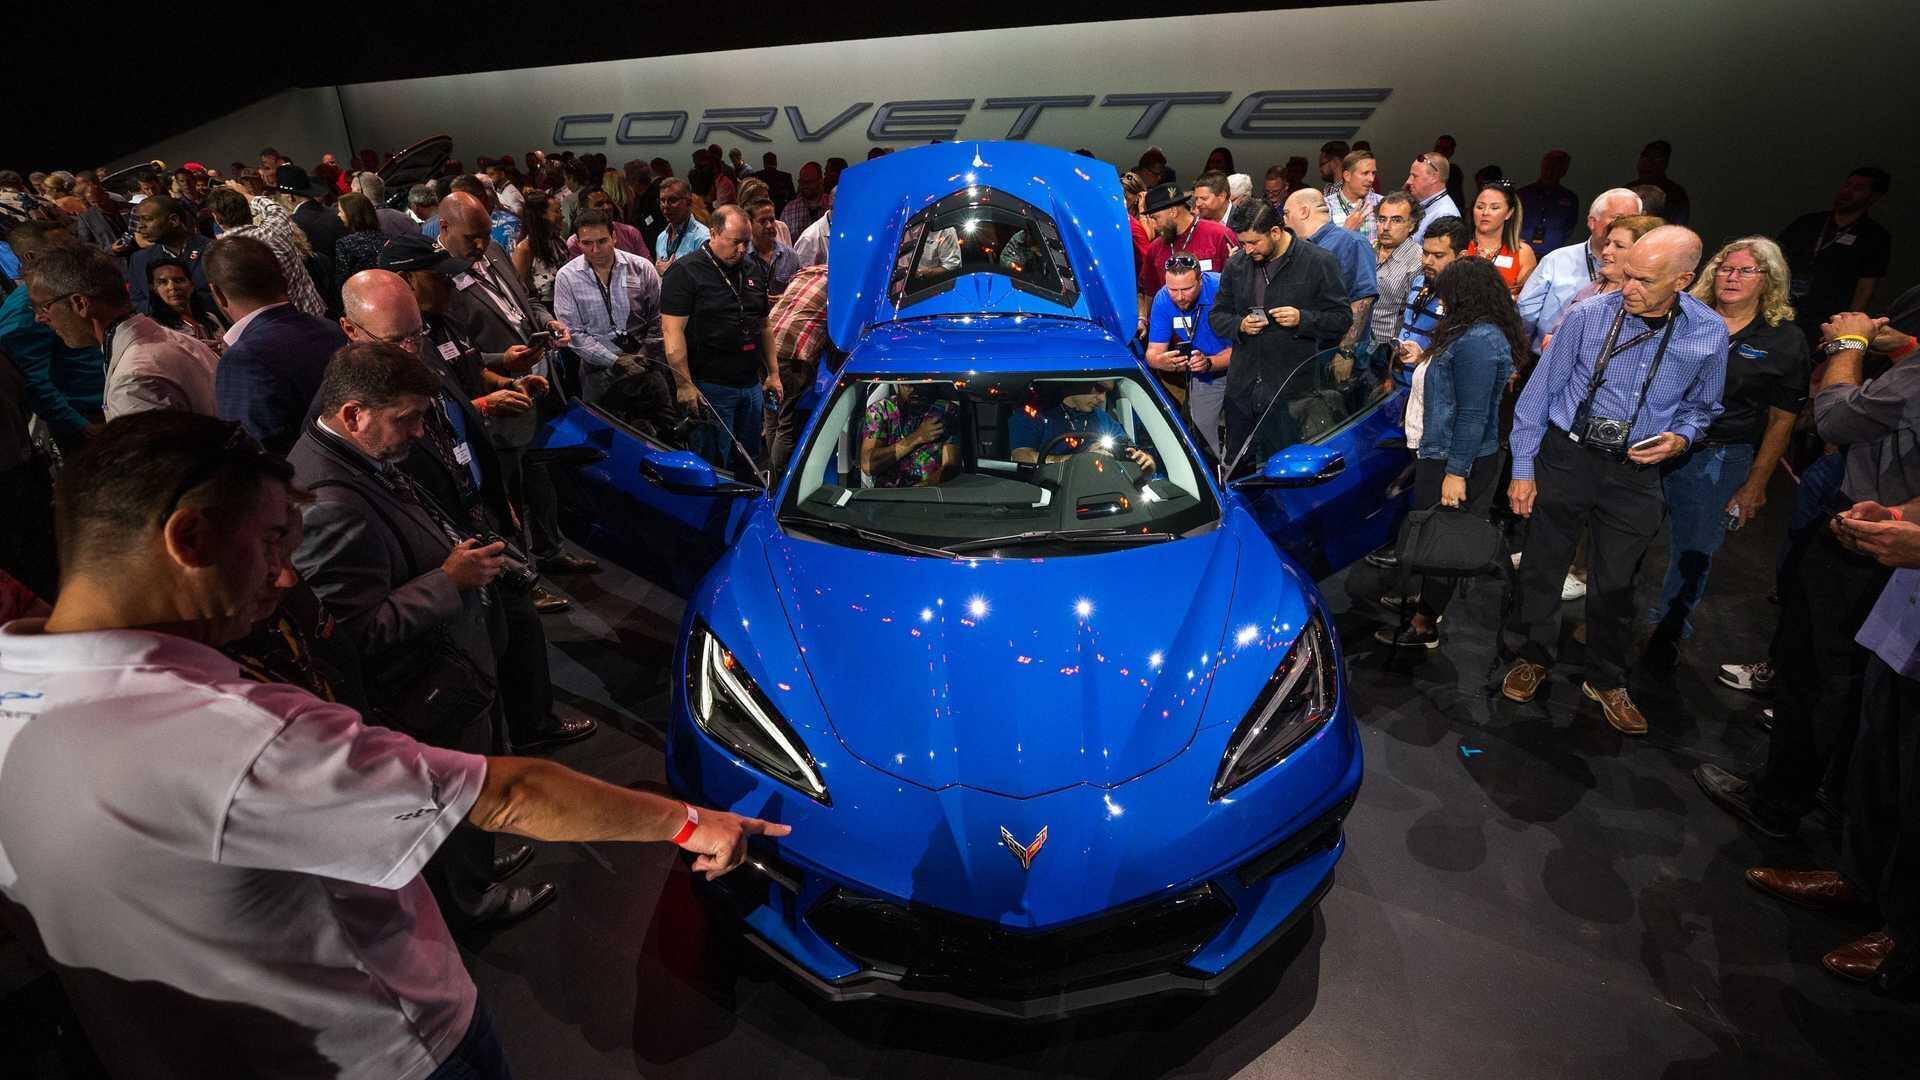 https://cdn.dailyxe.com.vn/image/chevrolet-corvette-2020-co-mot-so-tinh-nang-an-tuyet-voi-24-94530j2.jpg